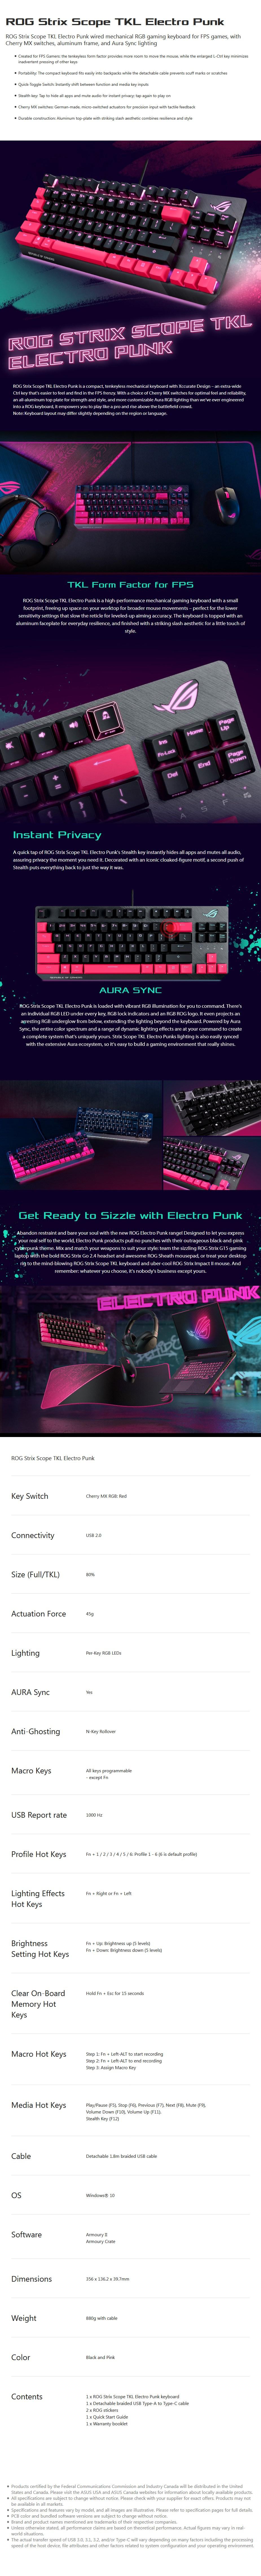 asus-rog-strix-scope-rgb-tkl-electro-punk-mechanical-gaming-keyboard-mx-red-ac41573-5-1-.jpg